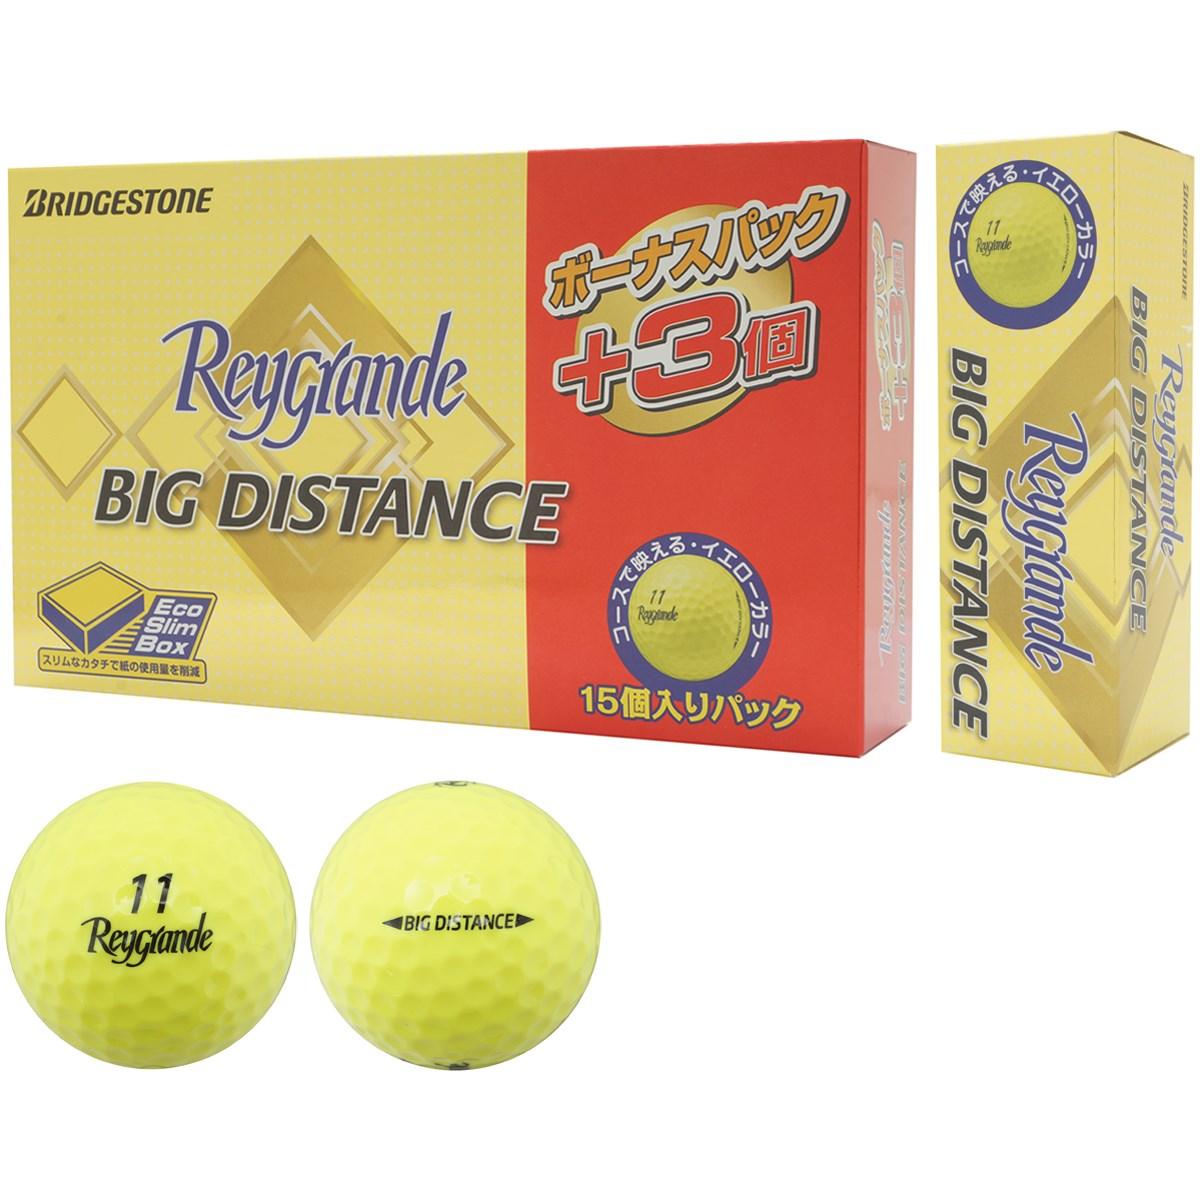 ブリヂストン レイグランデ ビッグディスタンス ボール